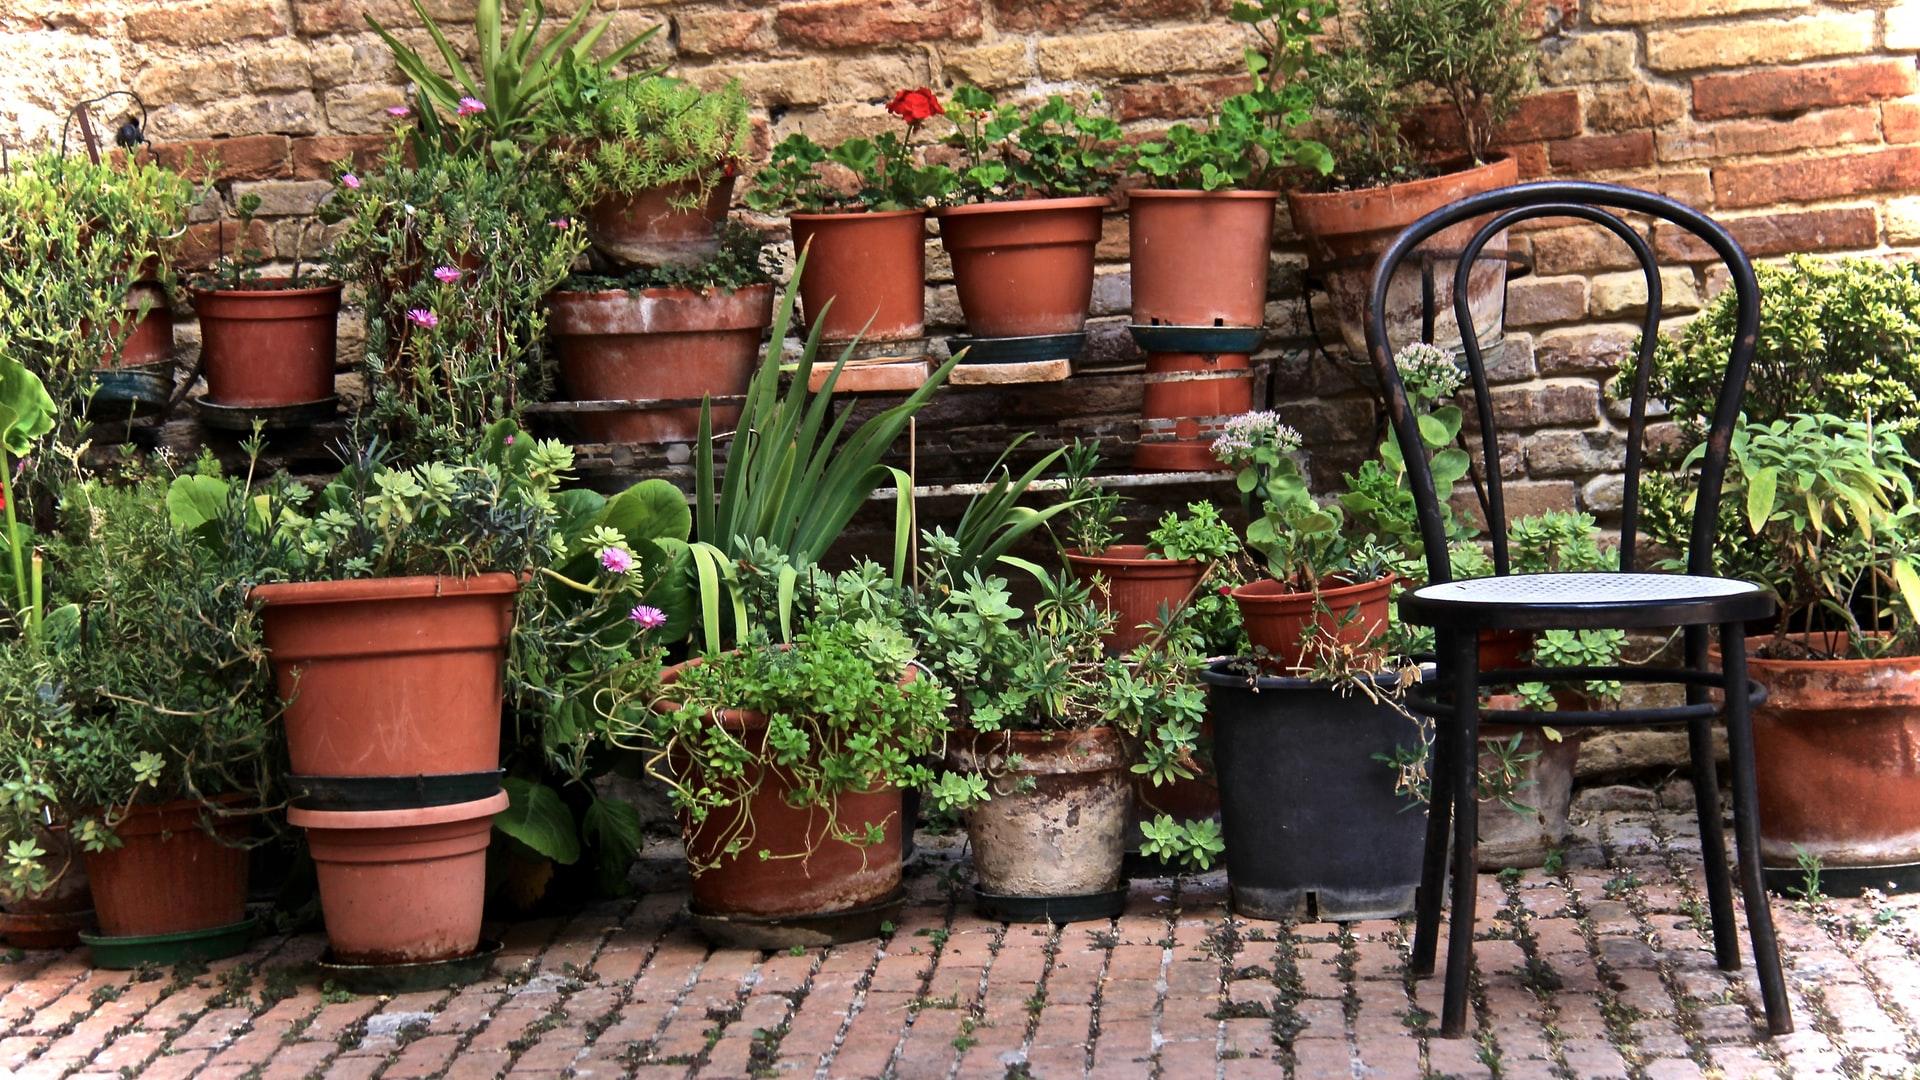 Jardiner en pot : 7 bonnes raisons (au moins)